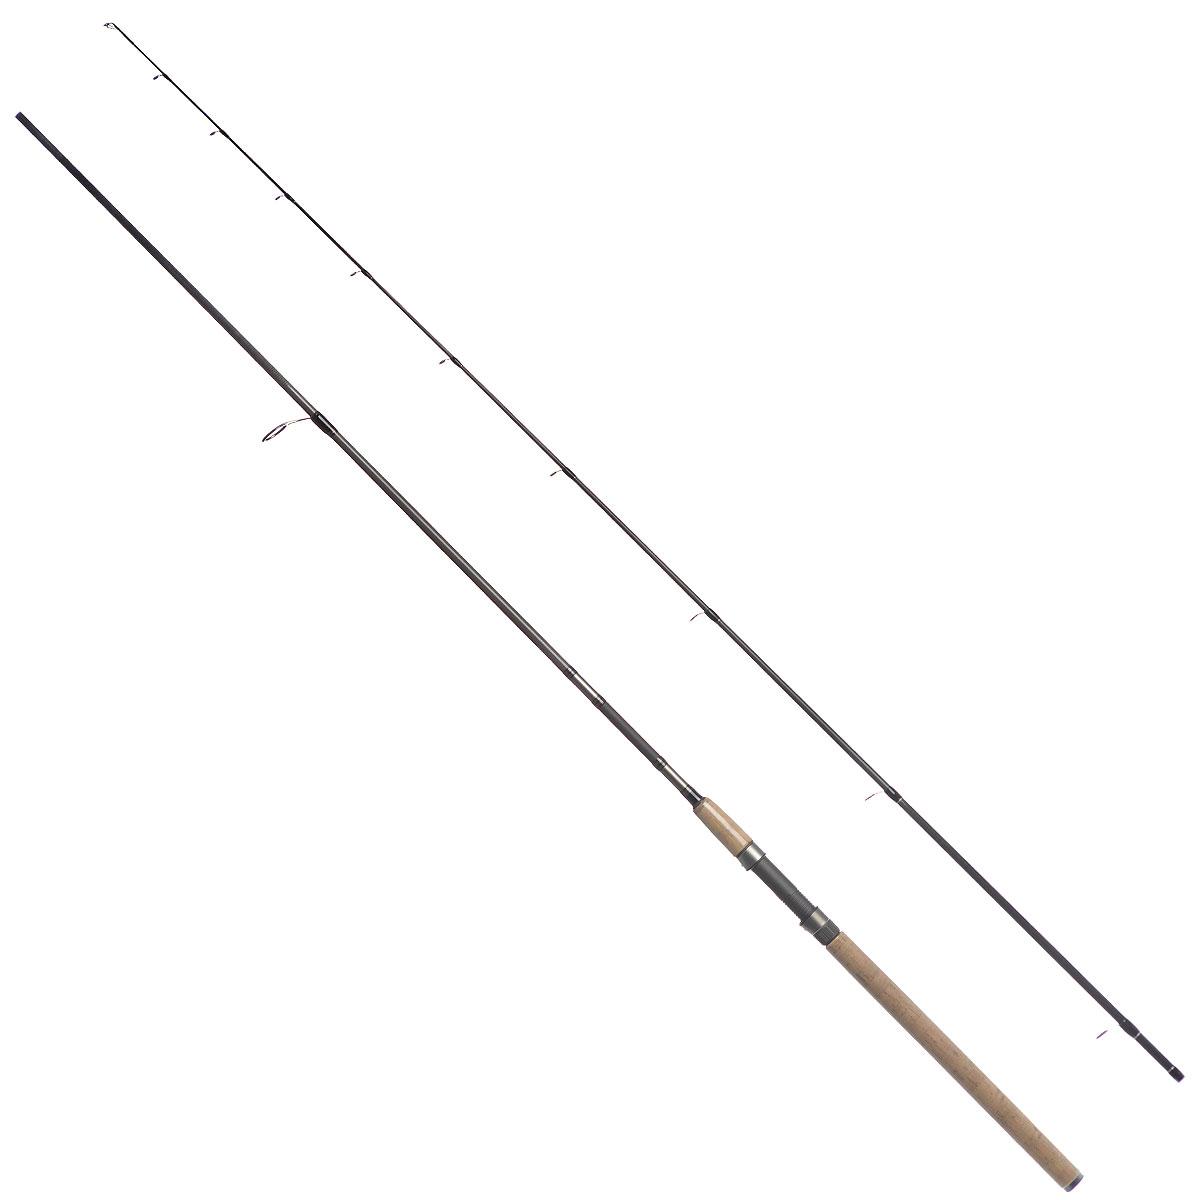 Спиннинг штекерный Daiwa Exceler-RU, 2,90 м, 5-28 г daiwa exceler s 2500